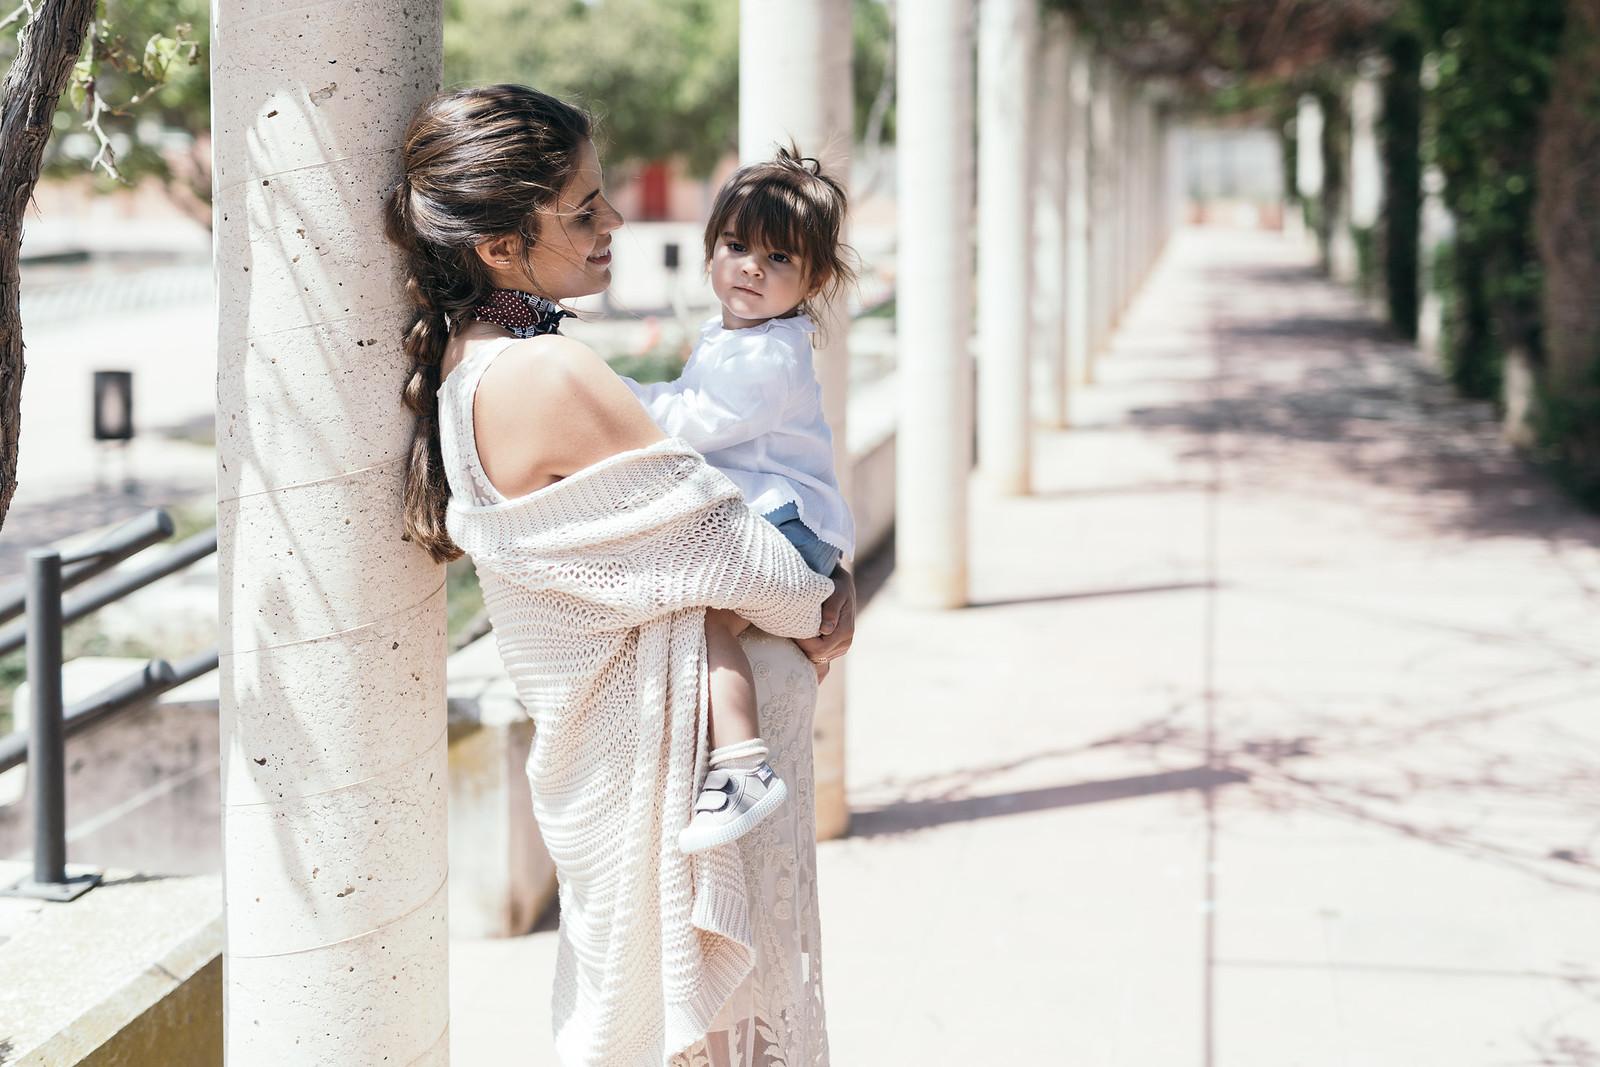 Jessie Chanes - Seams for a desire - El Corte Ingles - Giftlist - Lista de regalos dia de la madre -7